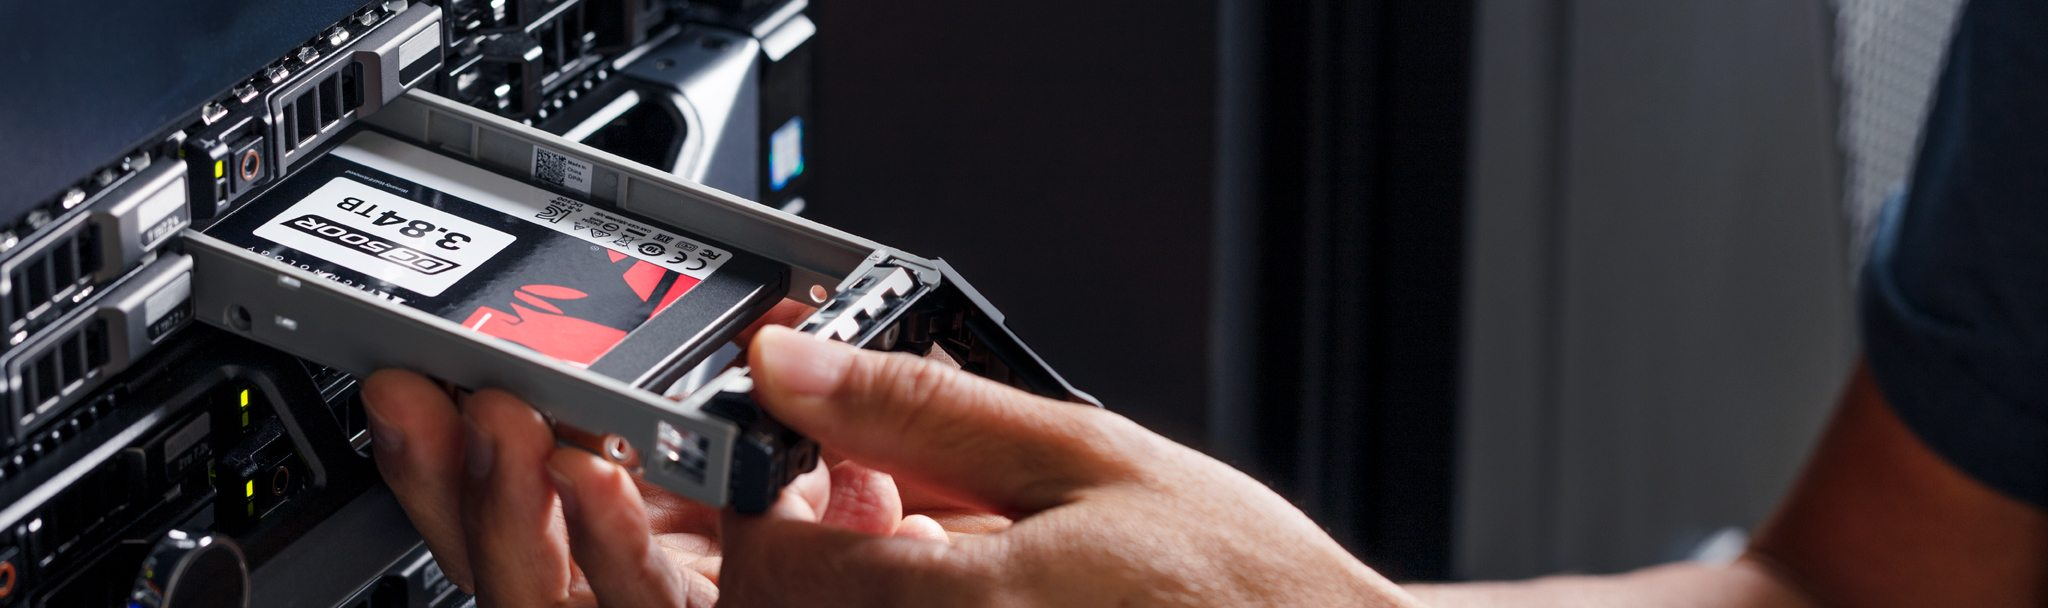 По вашим заявкам: профессиональный тест SSD-накопителей Kingston DC500R и DC500M - 1